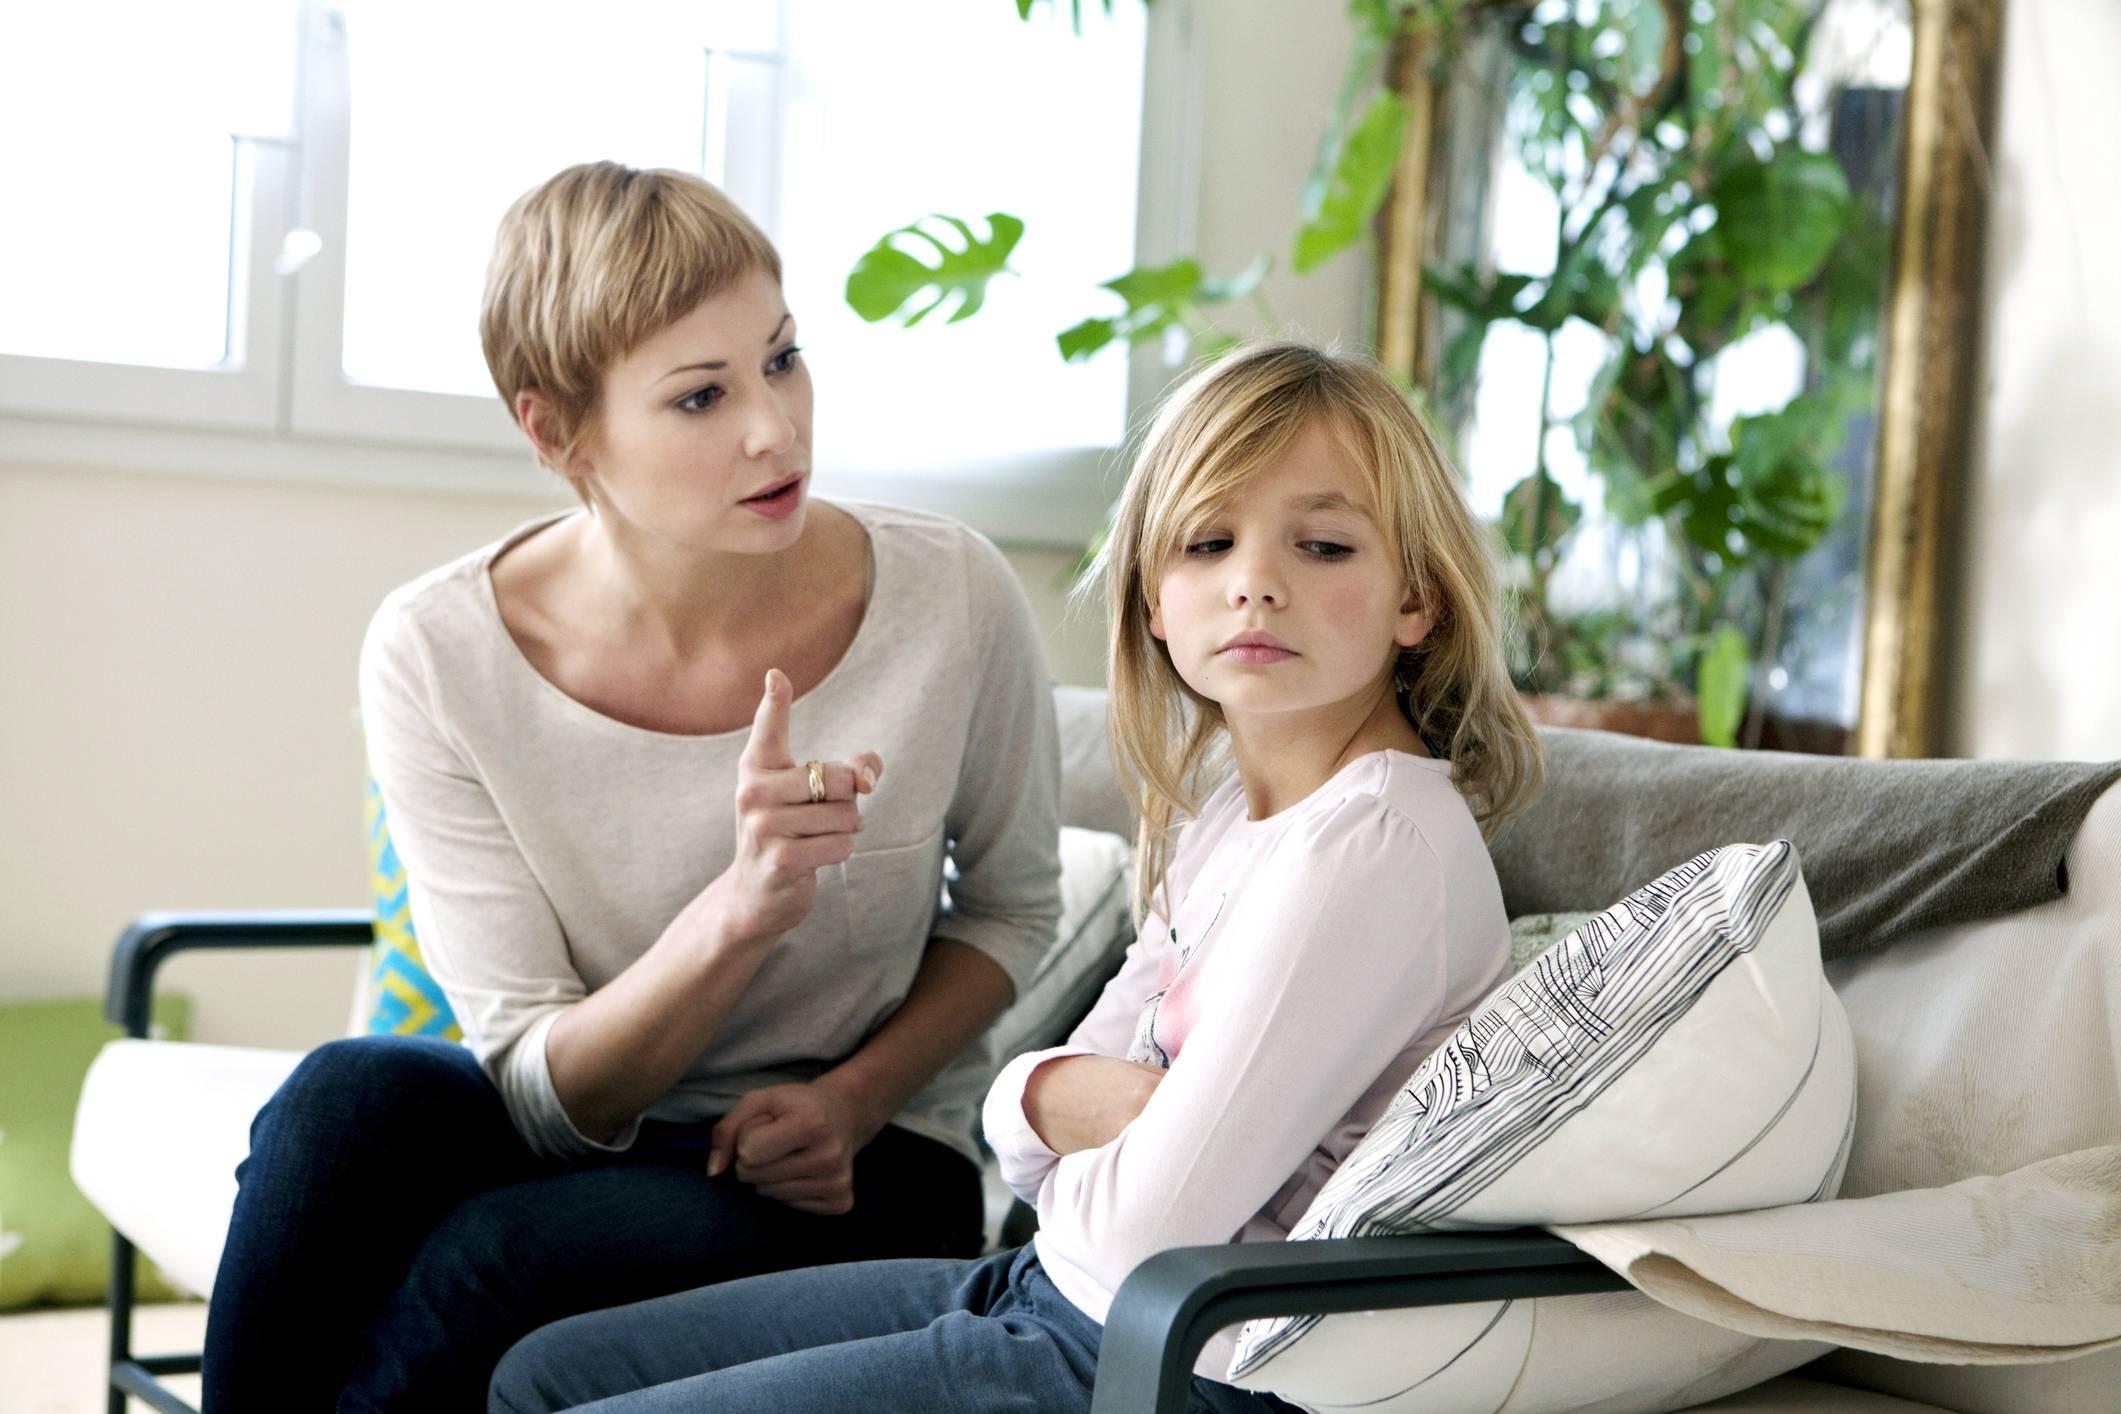 Мамочки годовалых детей. как вы справляетесь со стрессом? очень нужно